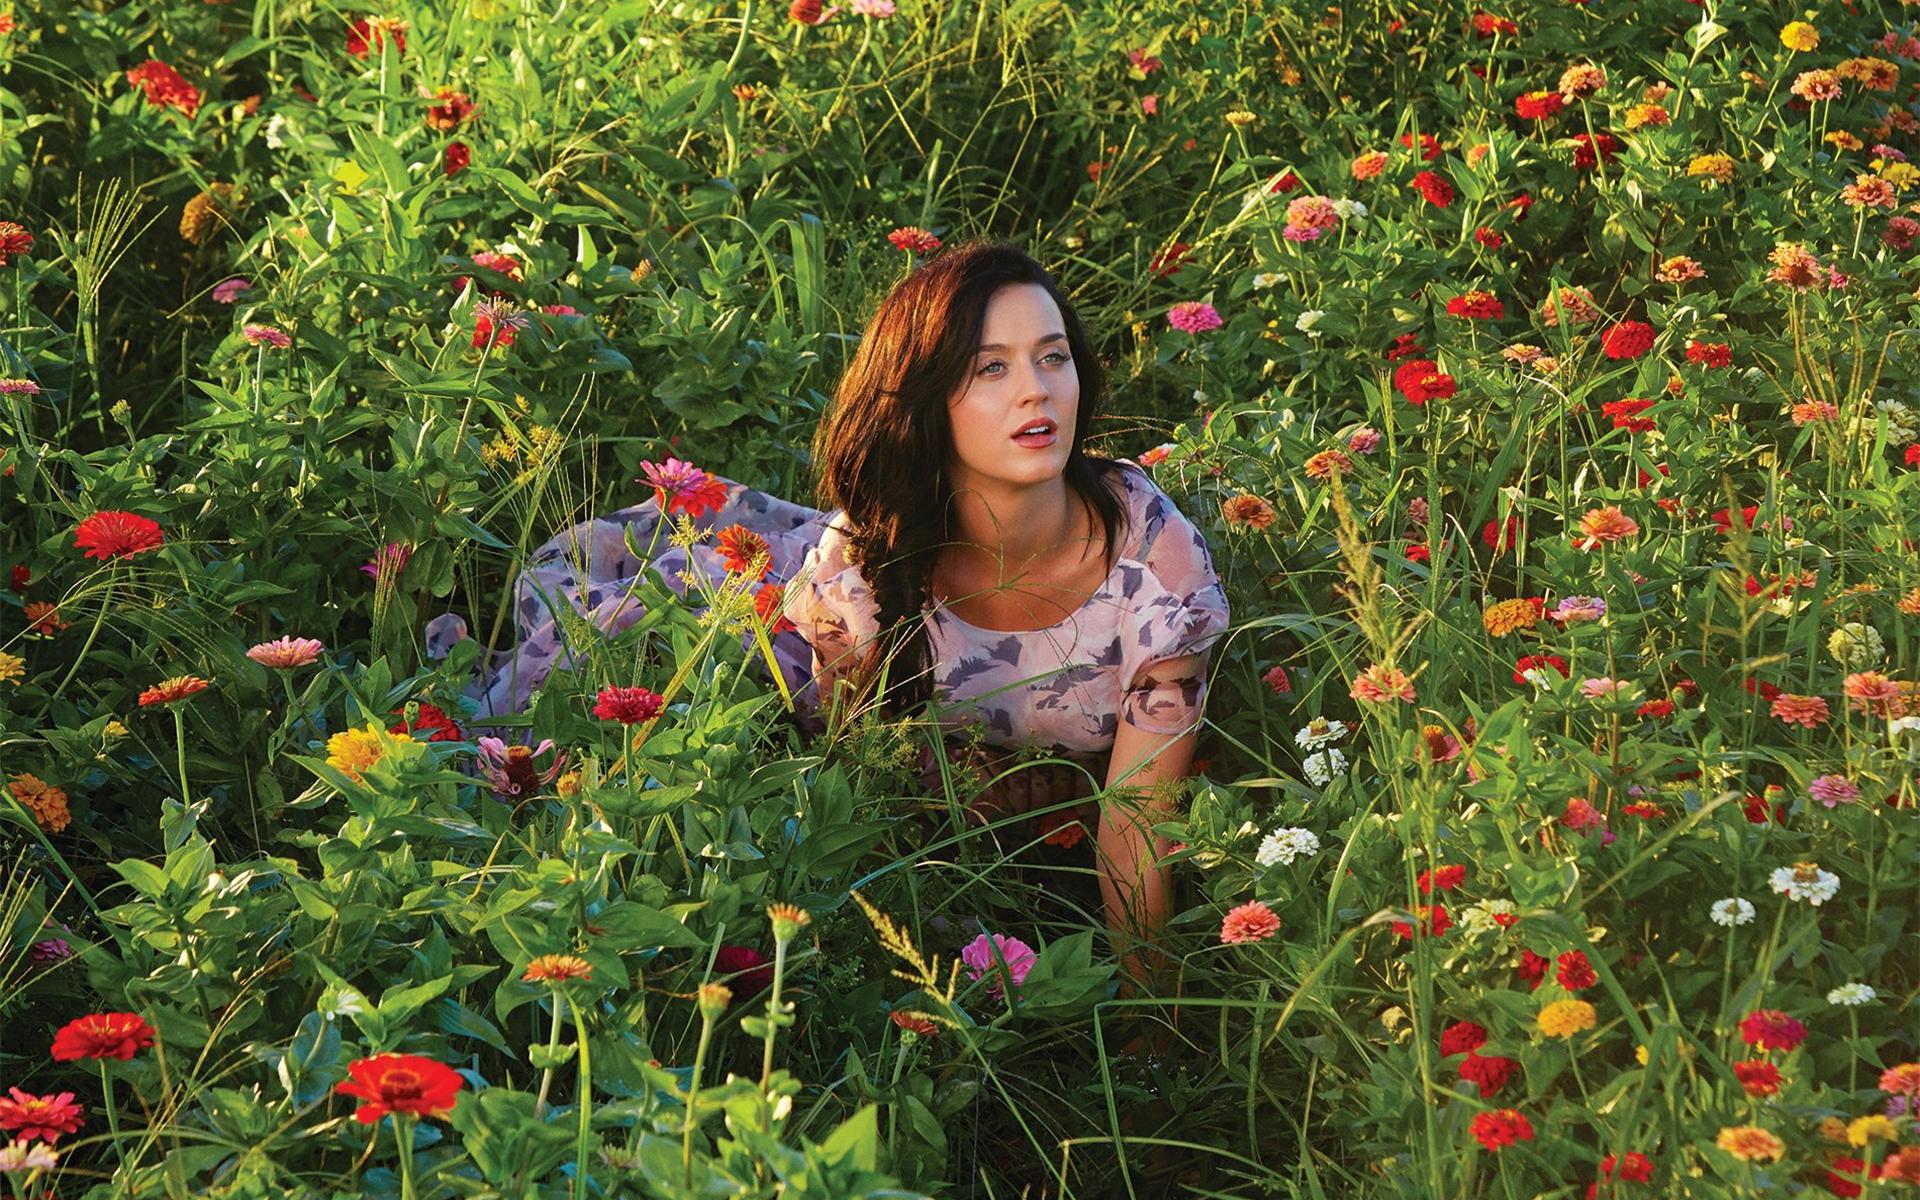 10 эффектных фото знаменитостей на фоне цветов